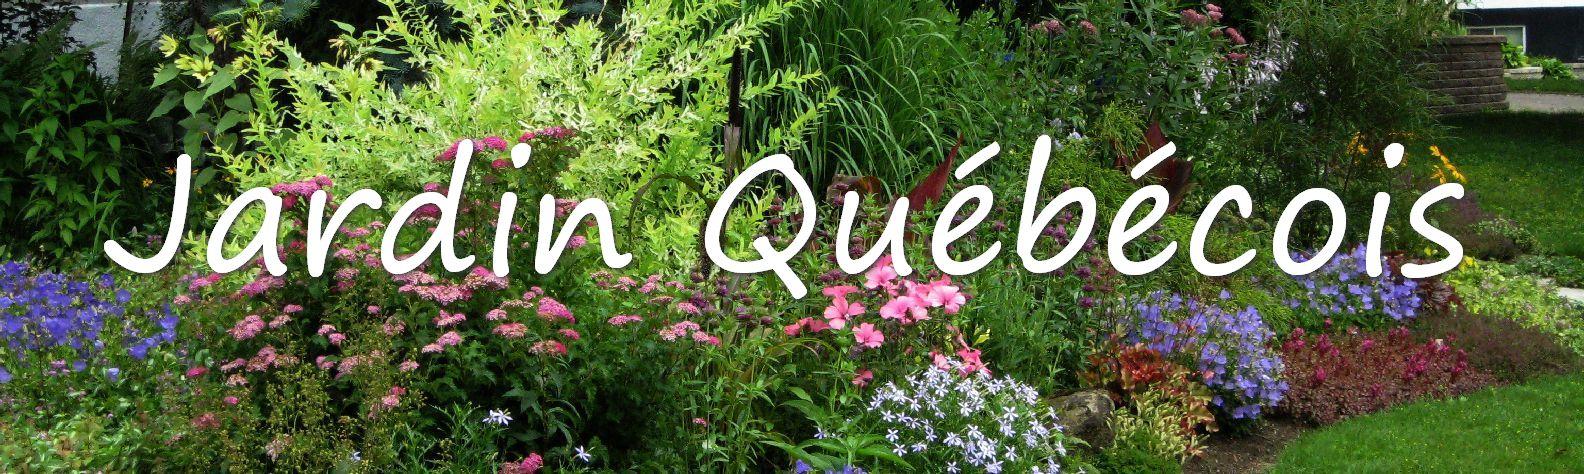 Jardin qu b cois photo plante vivace annuelle tropicale for Plante verte vivace exterieur